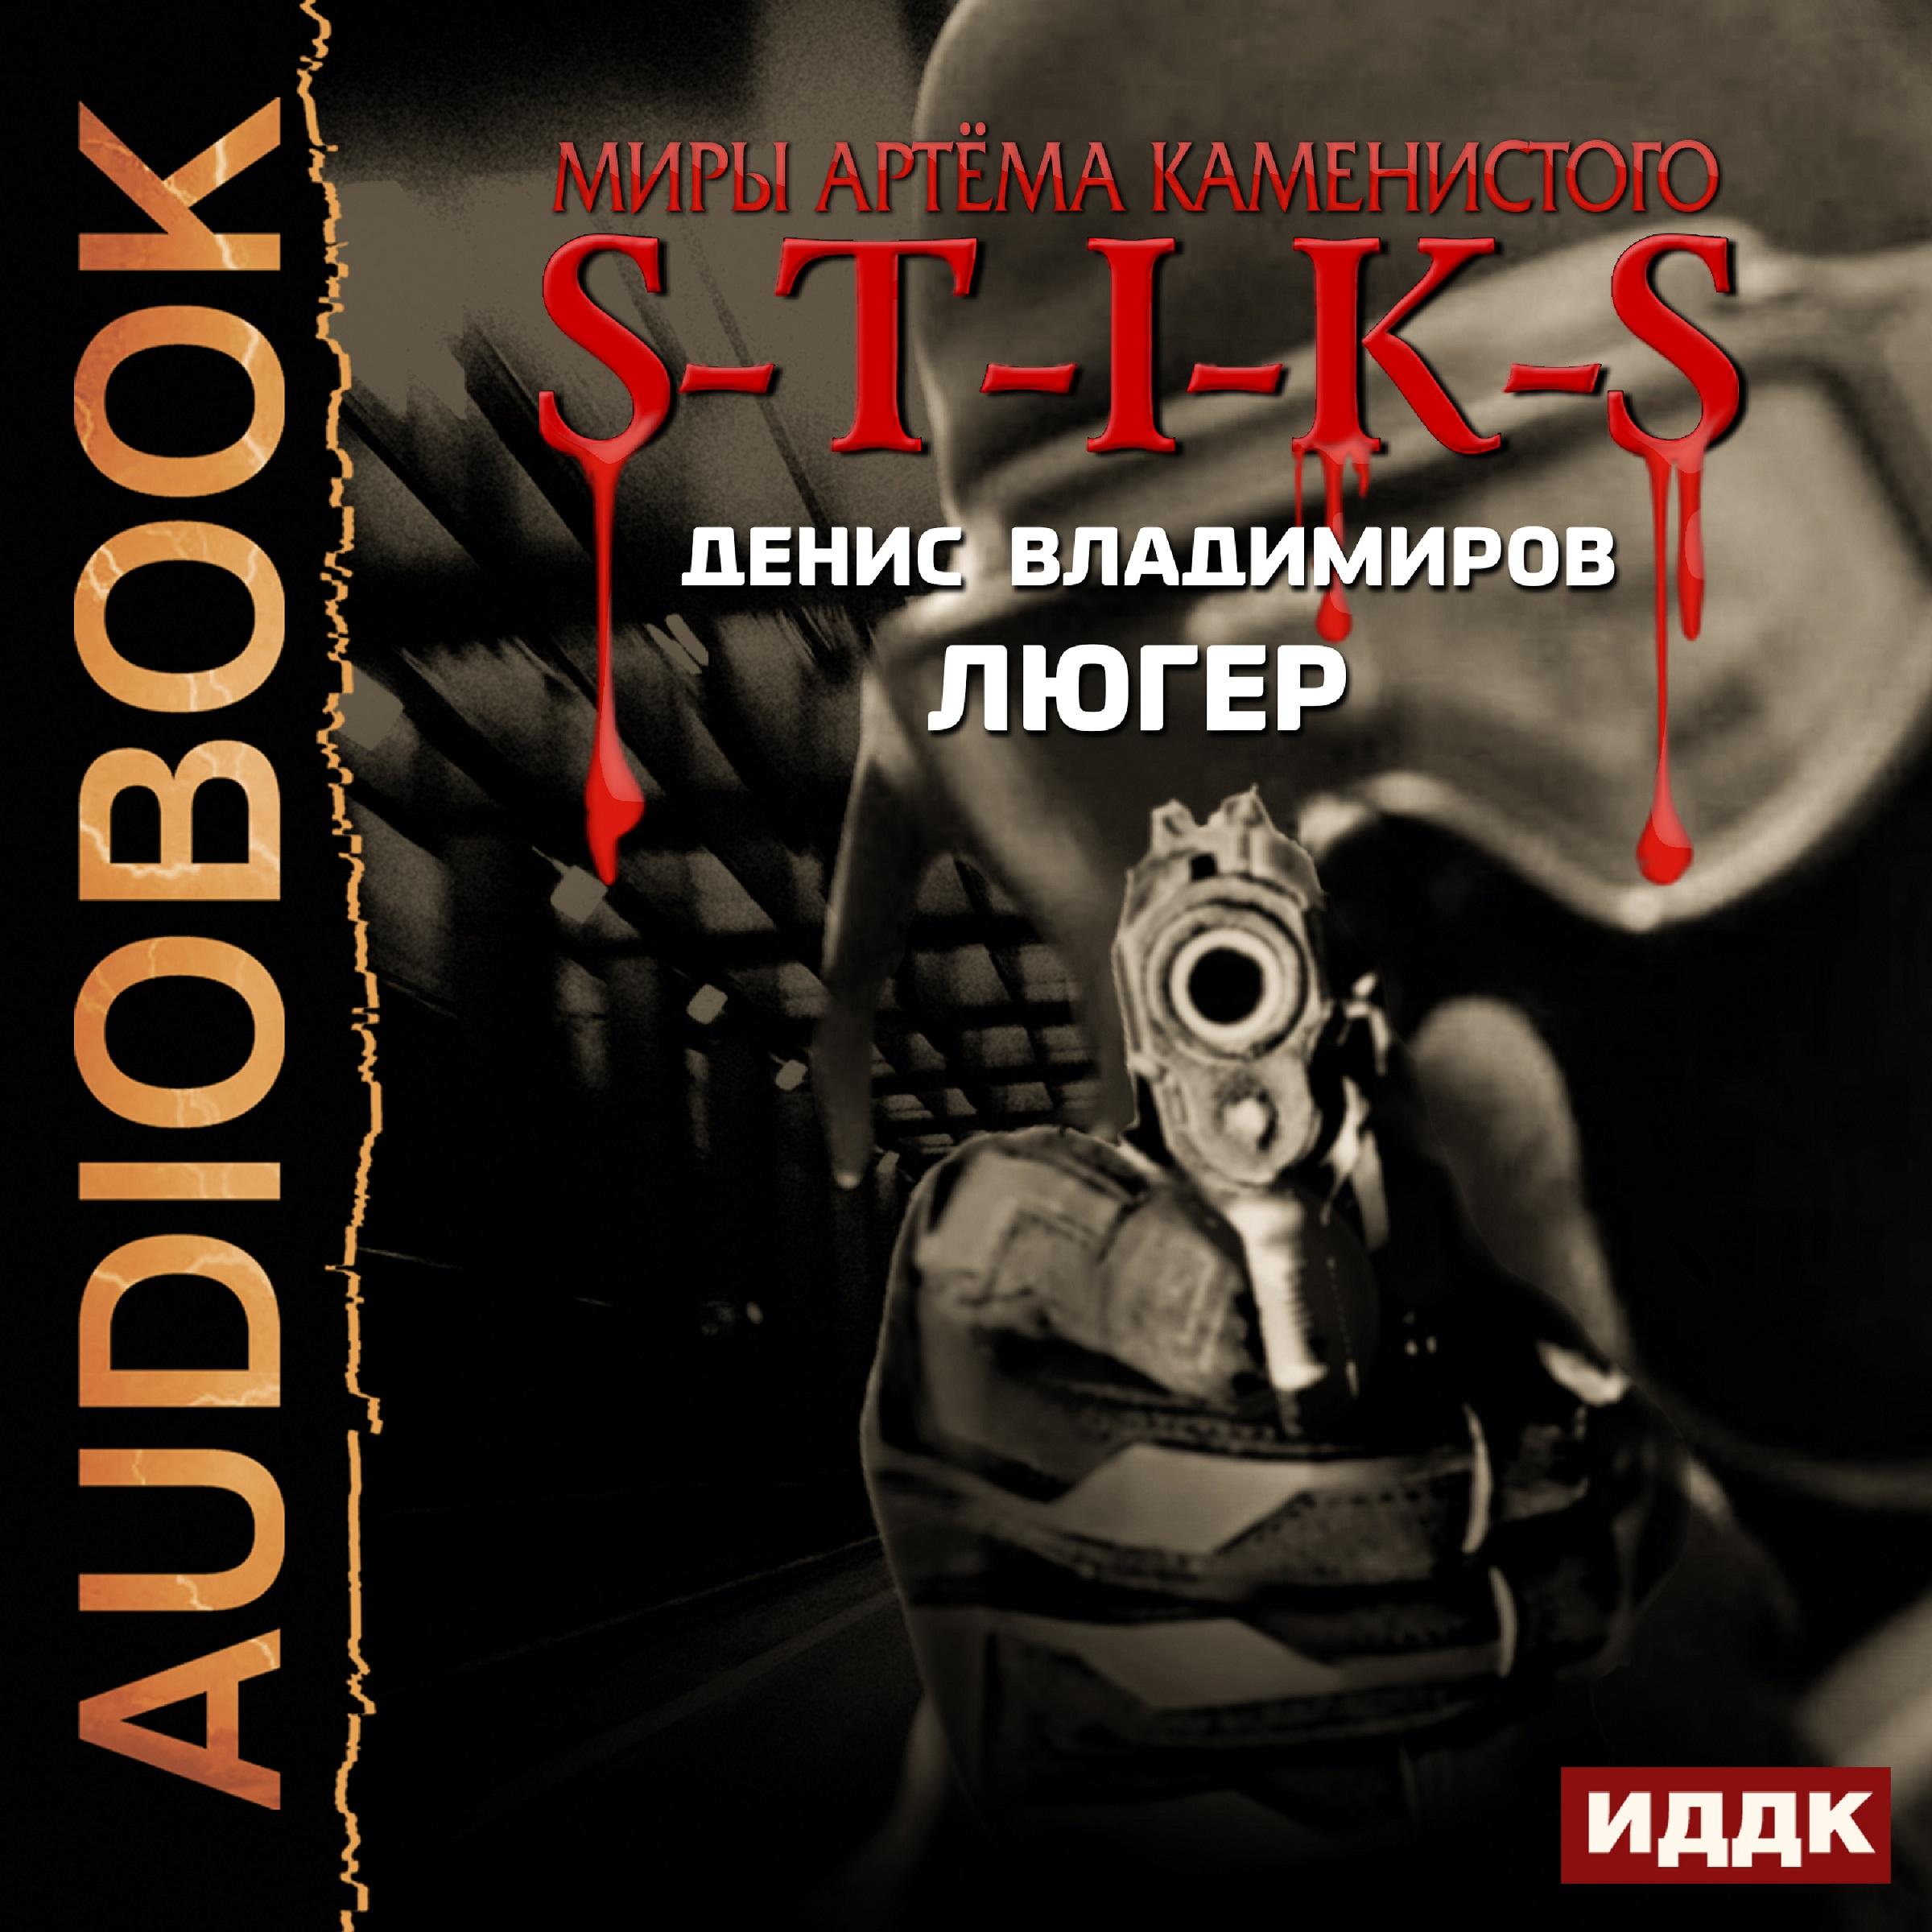 Денис Владимиров S-T-I-K-S. Люгер цена